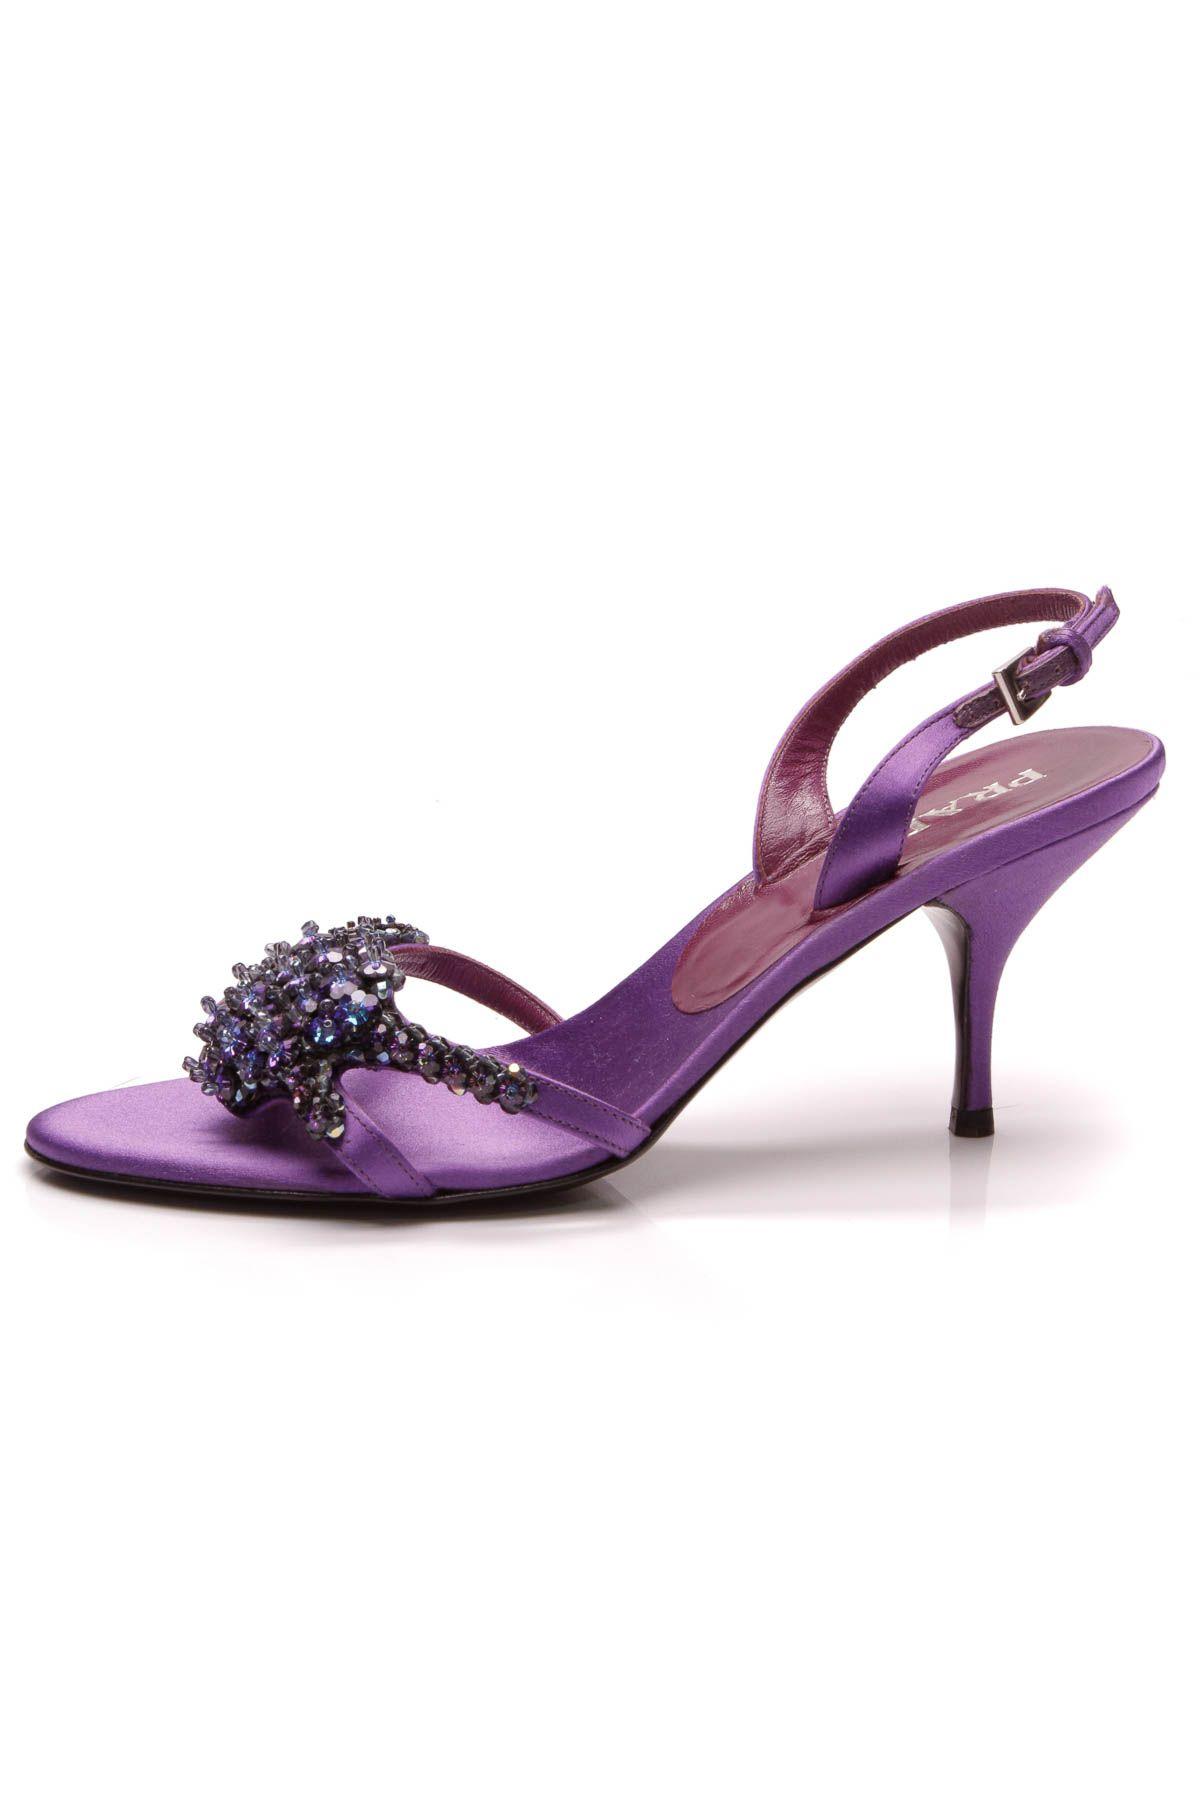 a501e2c4e6e Prada Jewel Embellished Heeled Sandals - Purple Satin